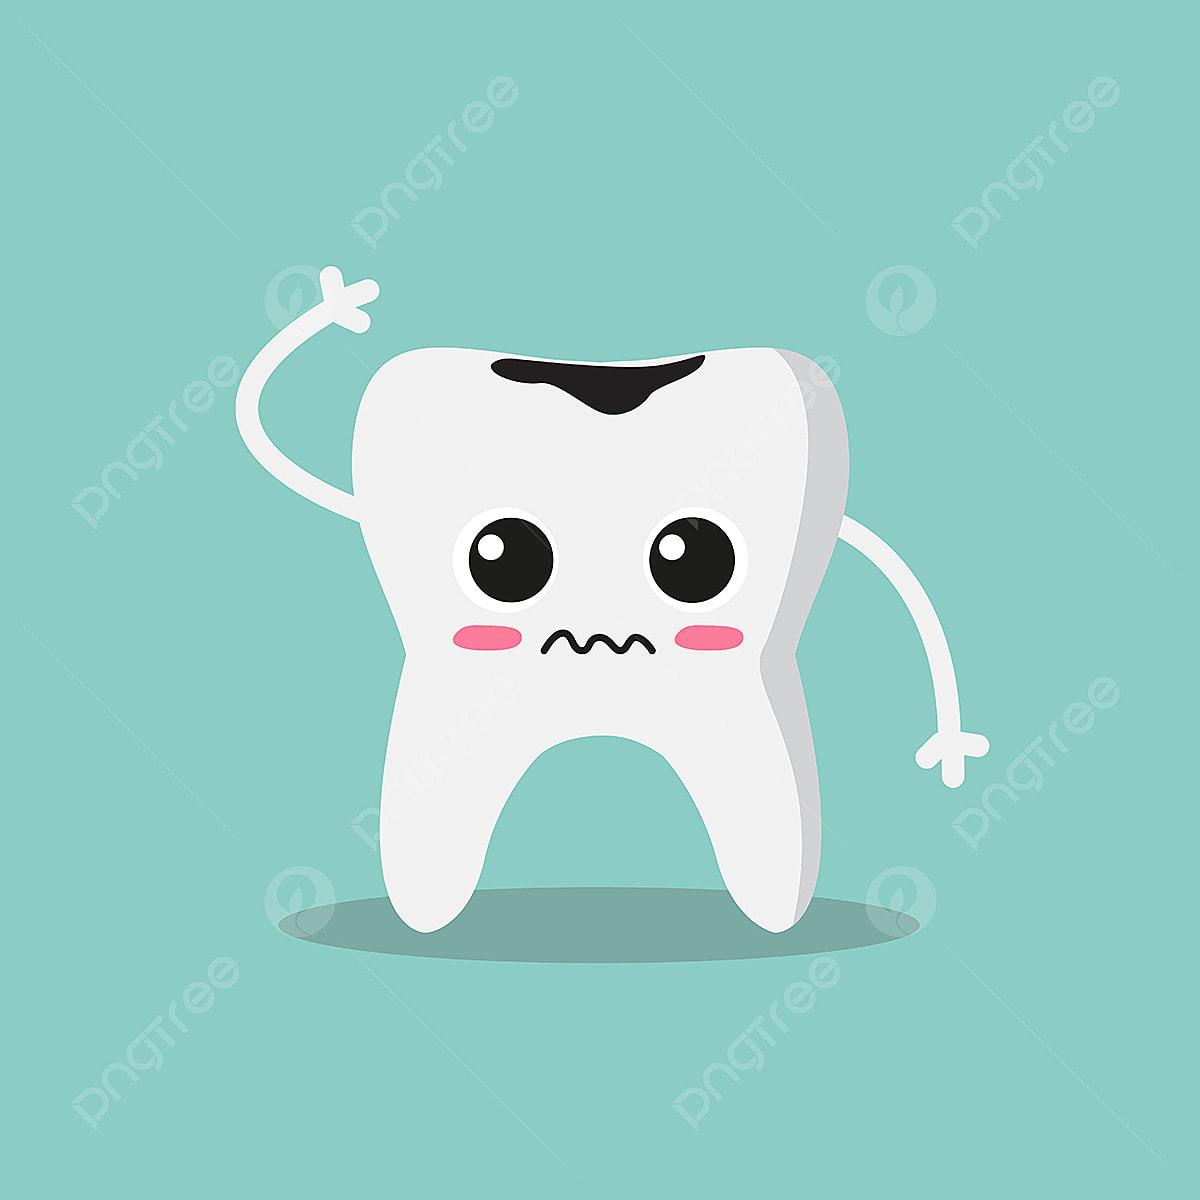 سن لطيف وحزين مع تسوس الأسنان مضحك مسطحة Png والمتجهات للتحميل مجانا